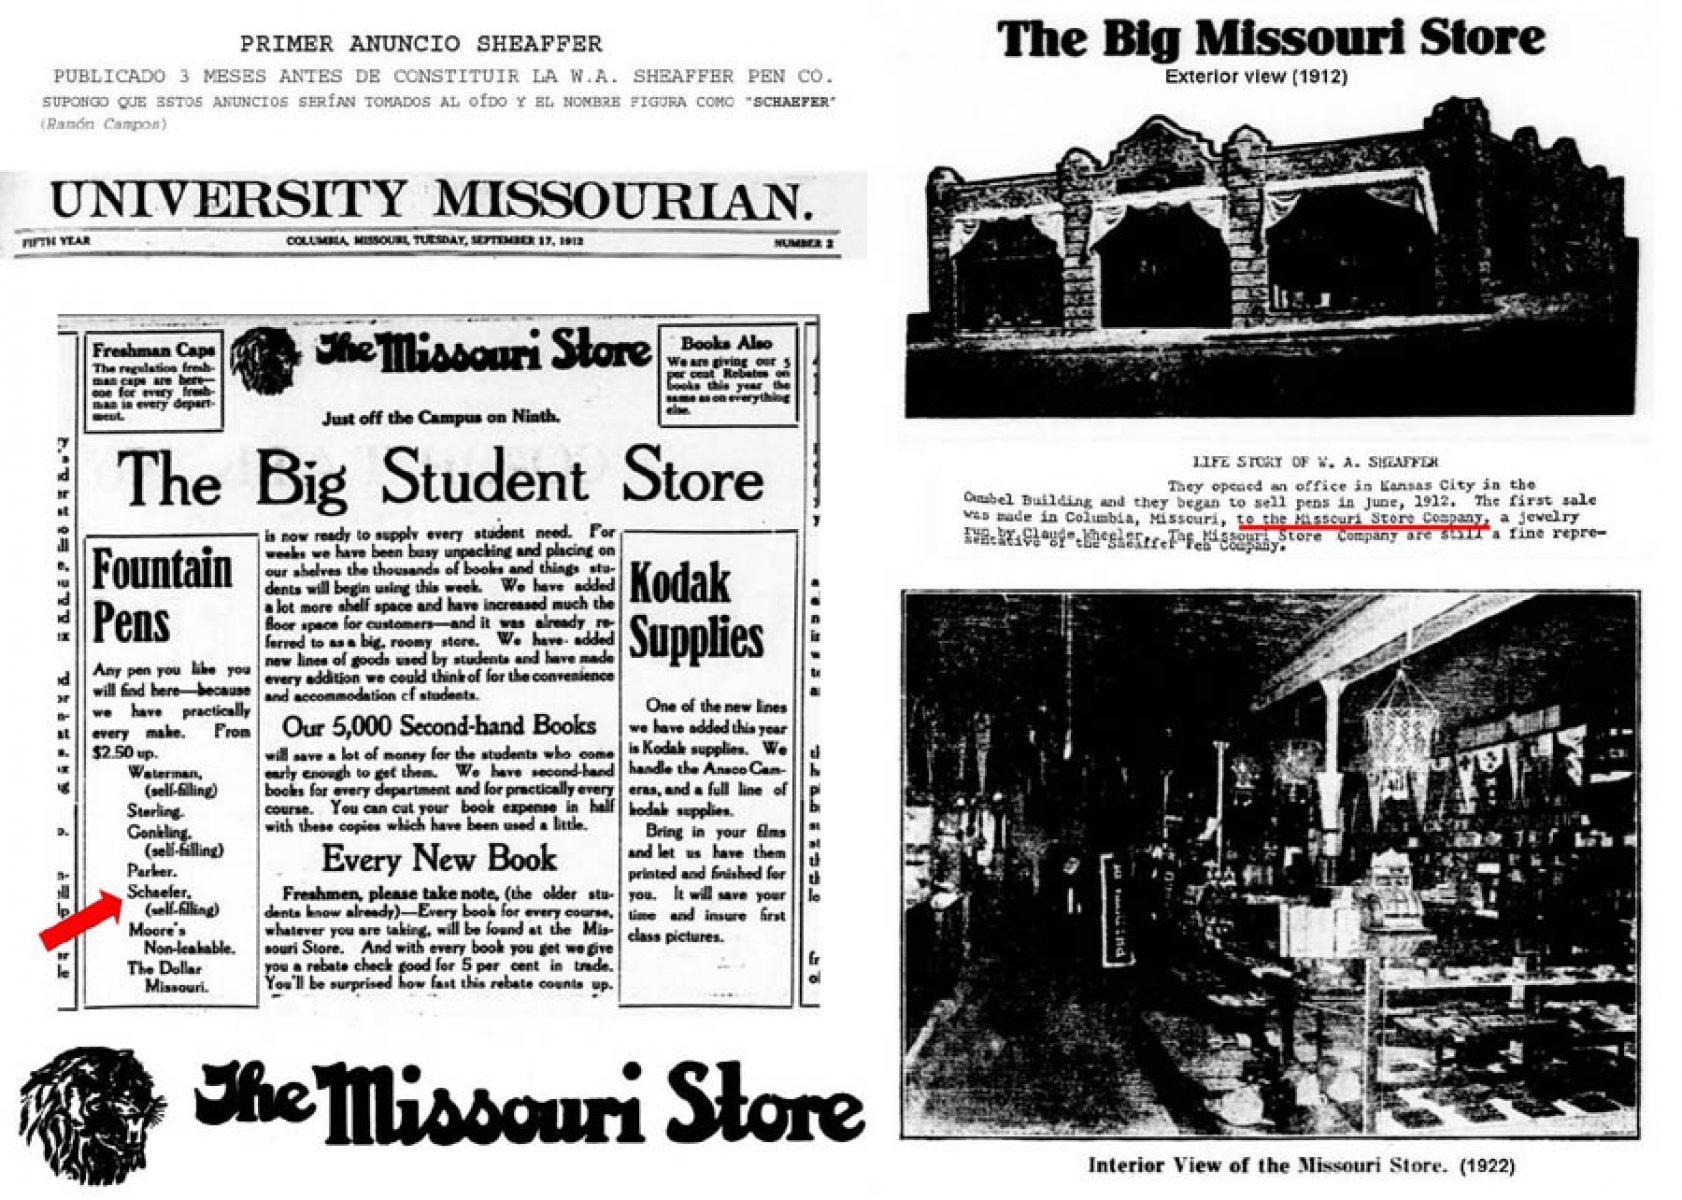 1912 09 17 first ad Schaefer University Missourian